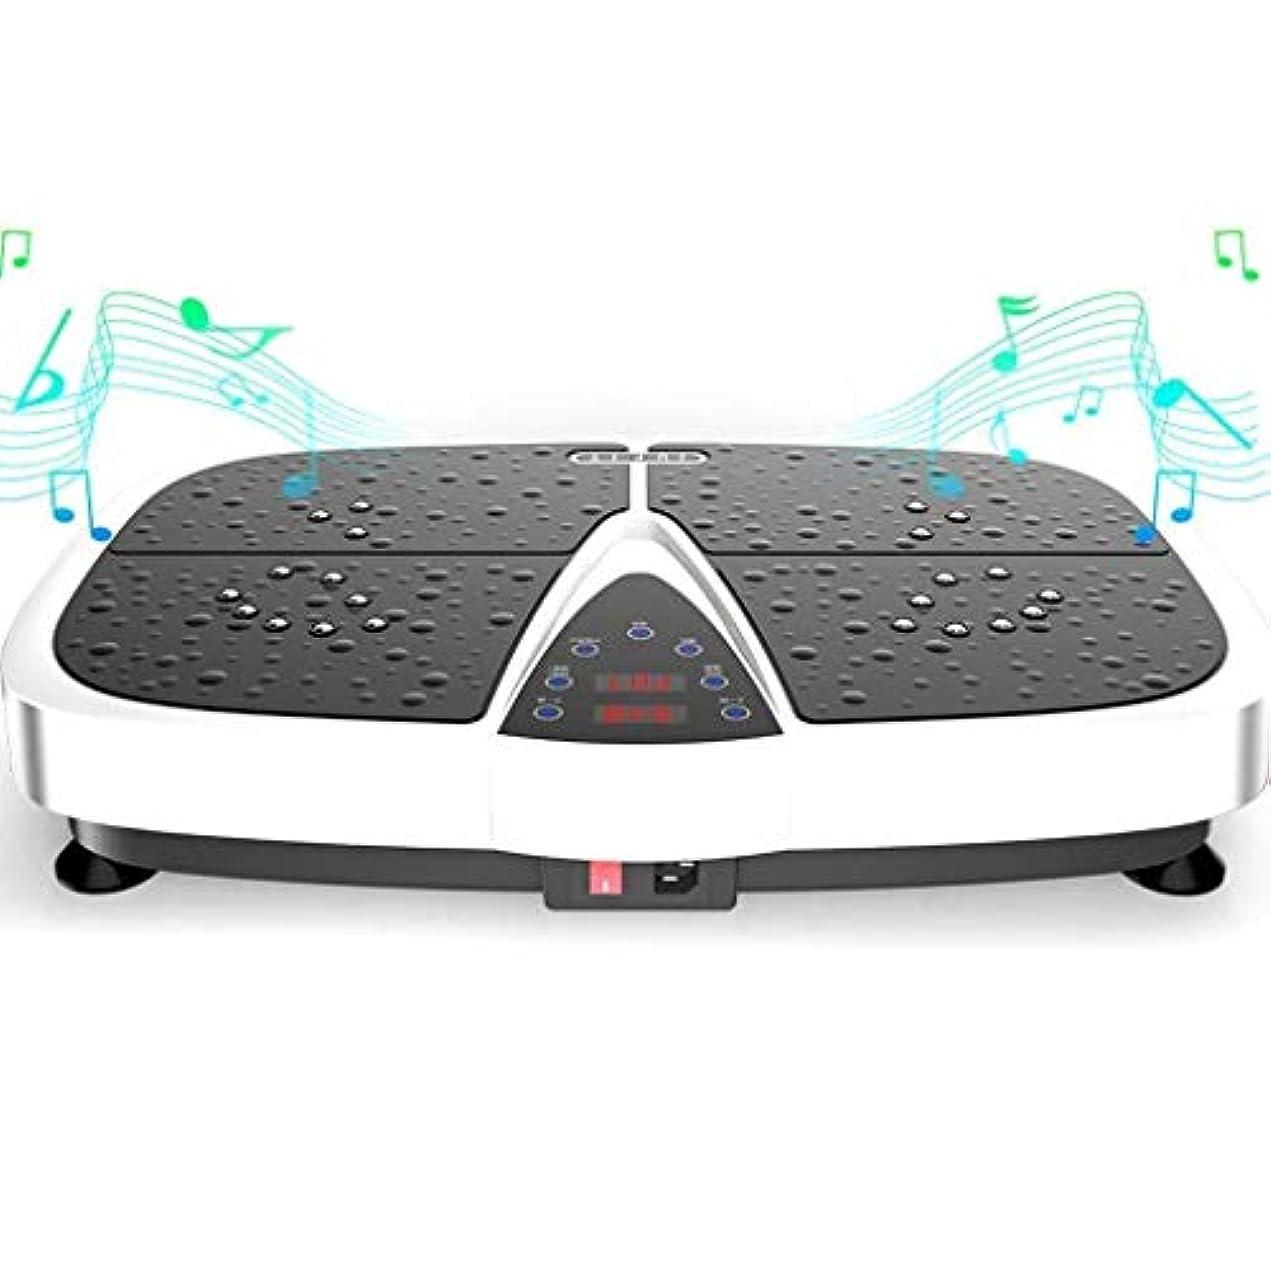 別れる叱るブロッサム減量機、スポーツ衝撃吸収フィットネスモデル減量機、Bluetooth音楽スピーカーとリモートコントロール、ユニセックス振動板、家族/ジムに適しています (Color : 白)